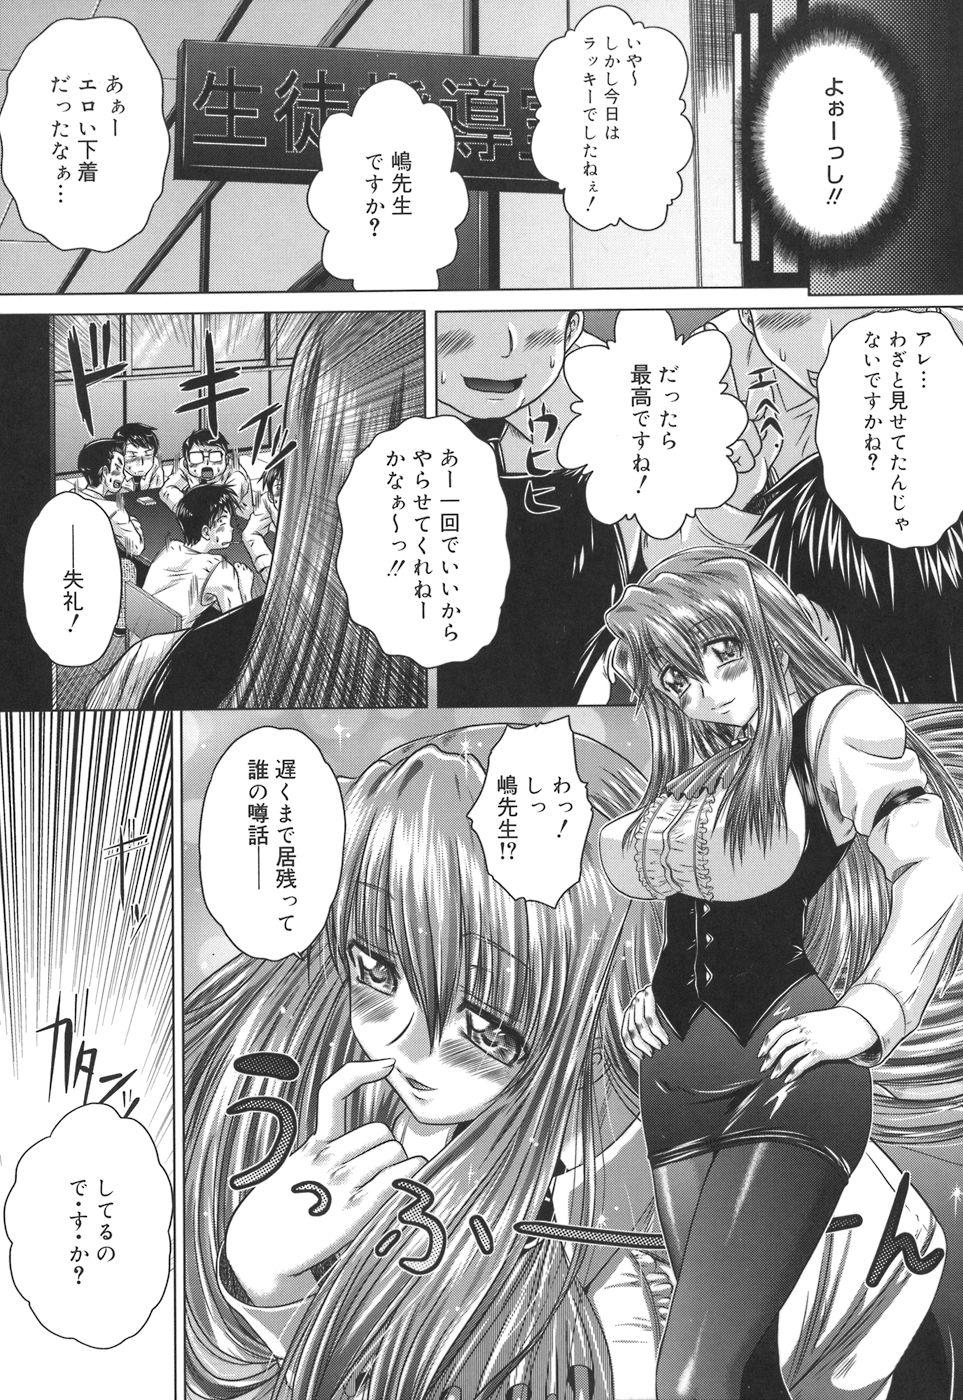 Iroka no Himitsu 43